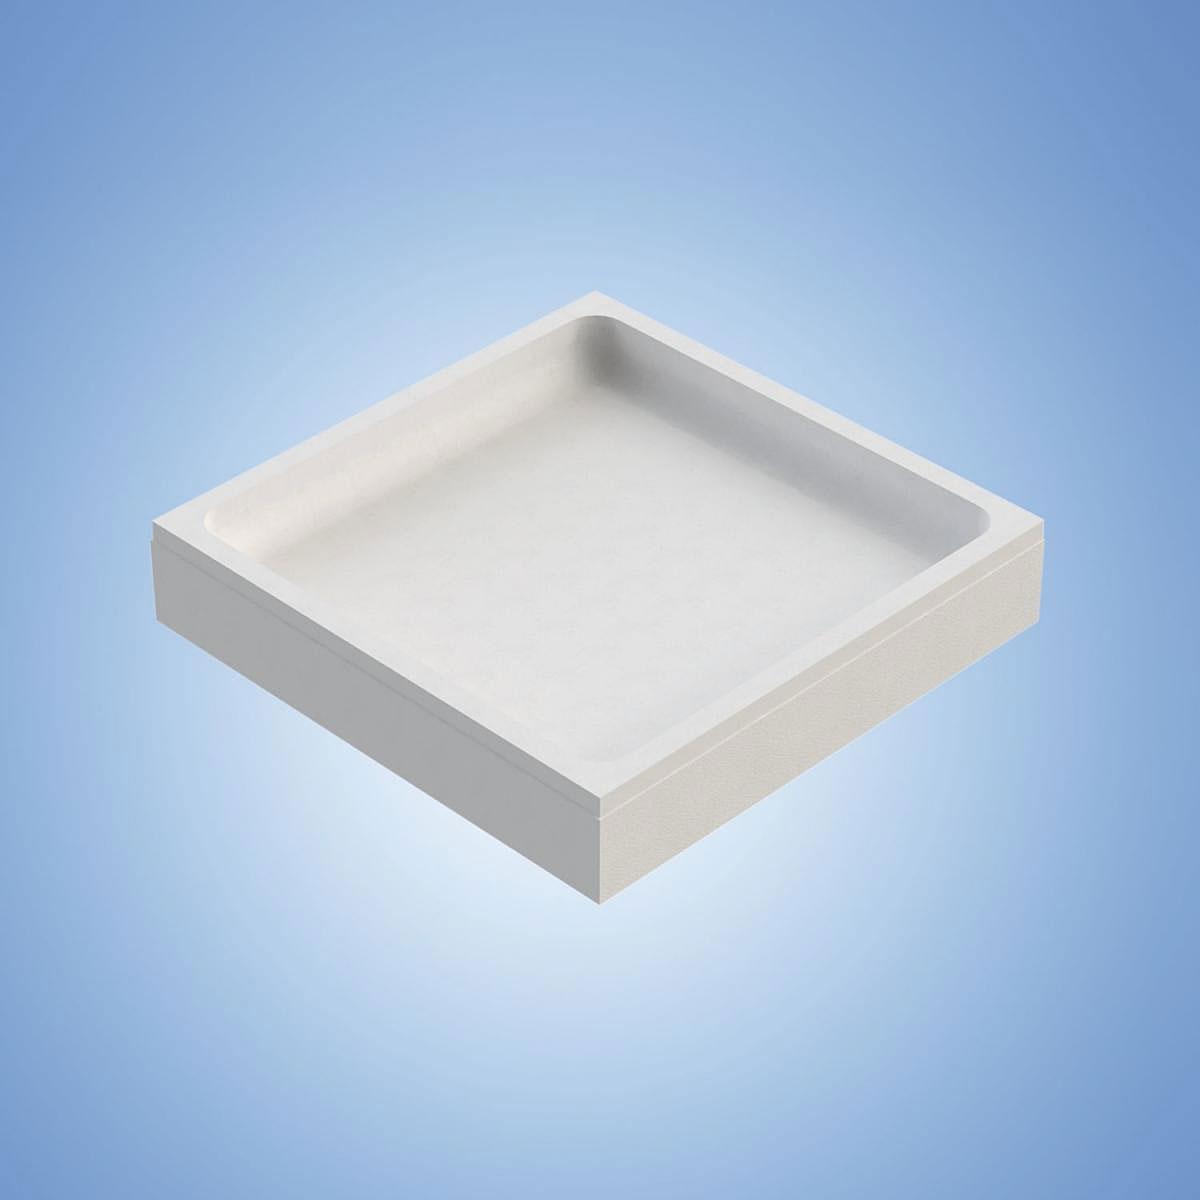 Ottofond Wannenträger zur Duschtasse Rubi 90 x 90 x 3 cm, 990228